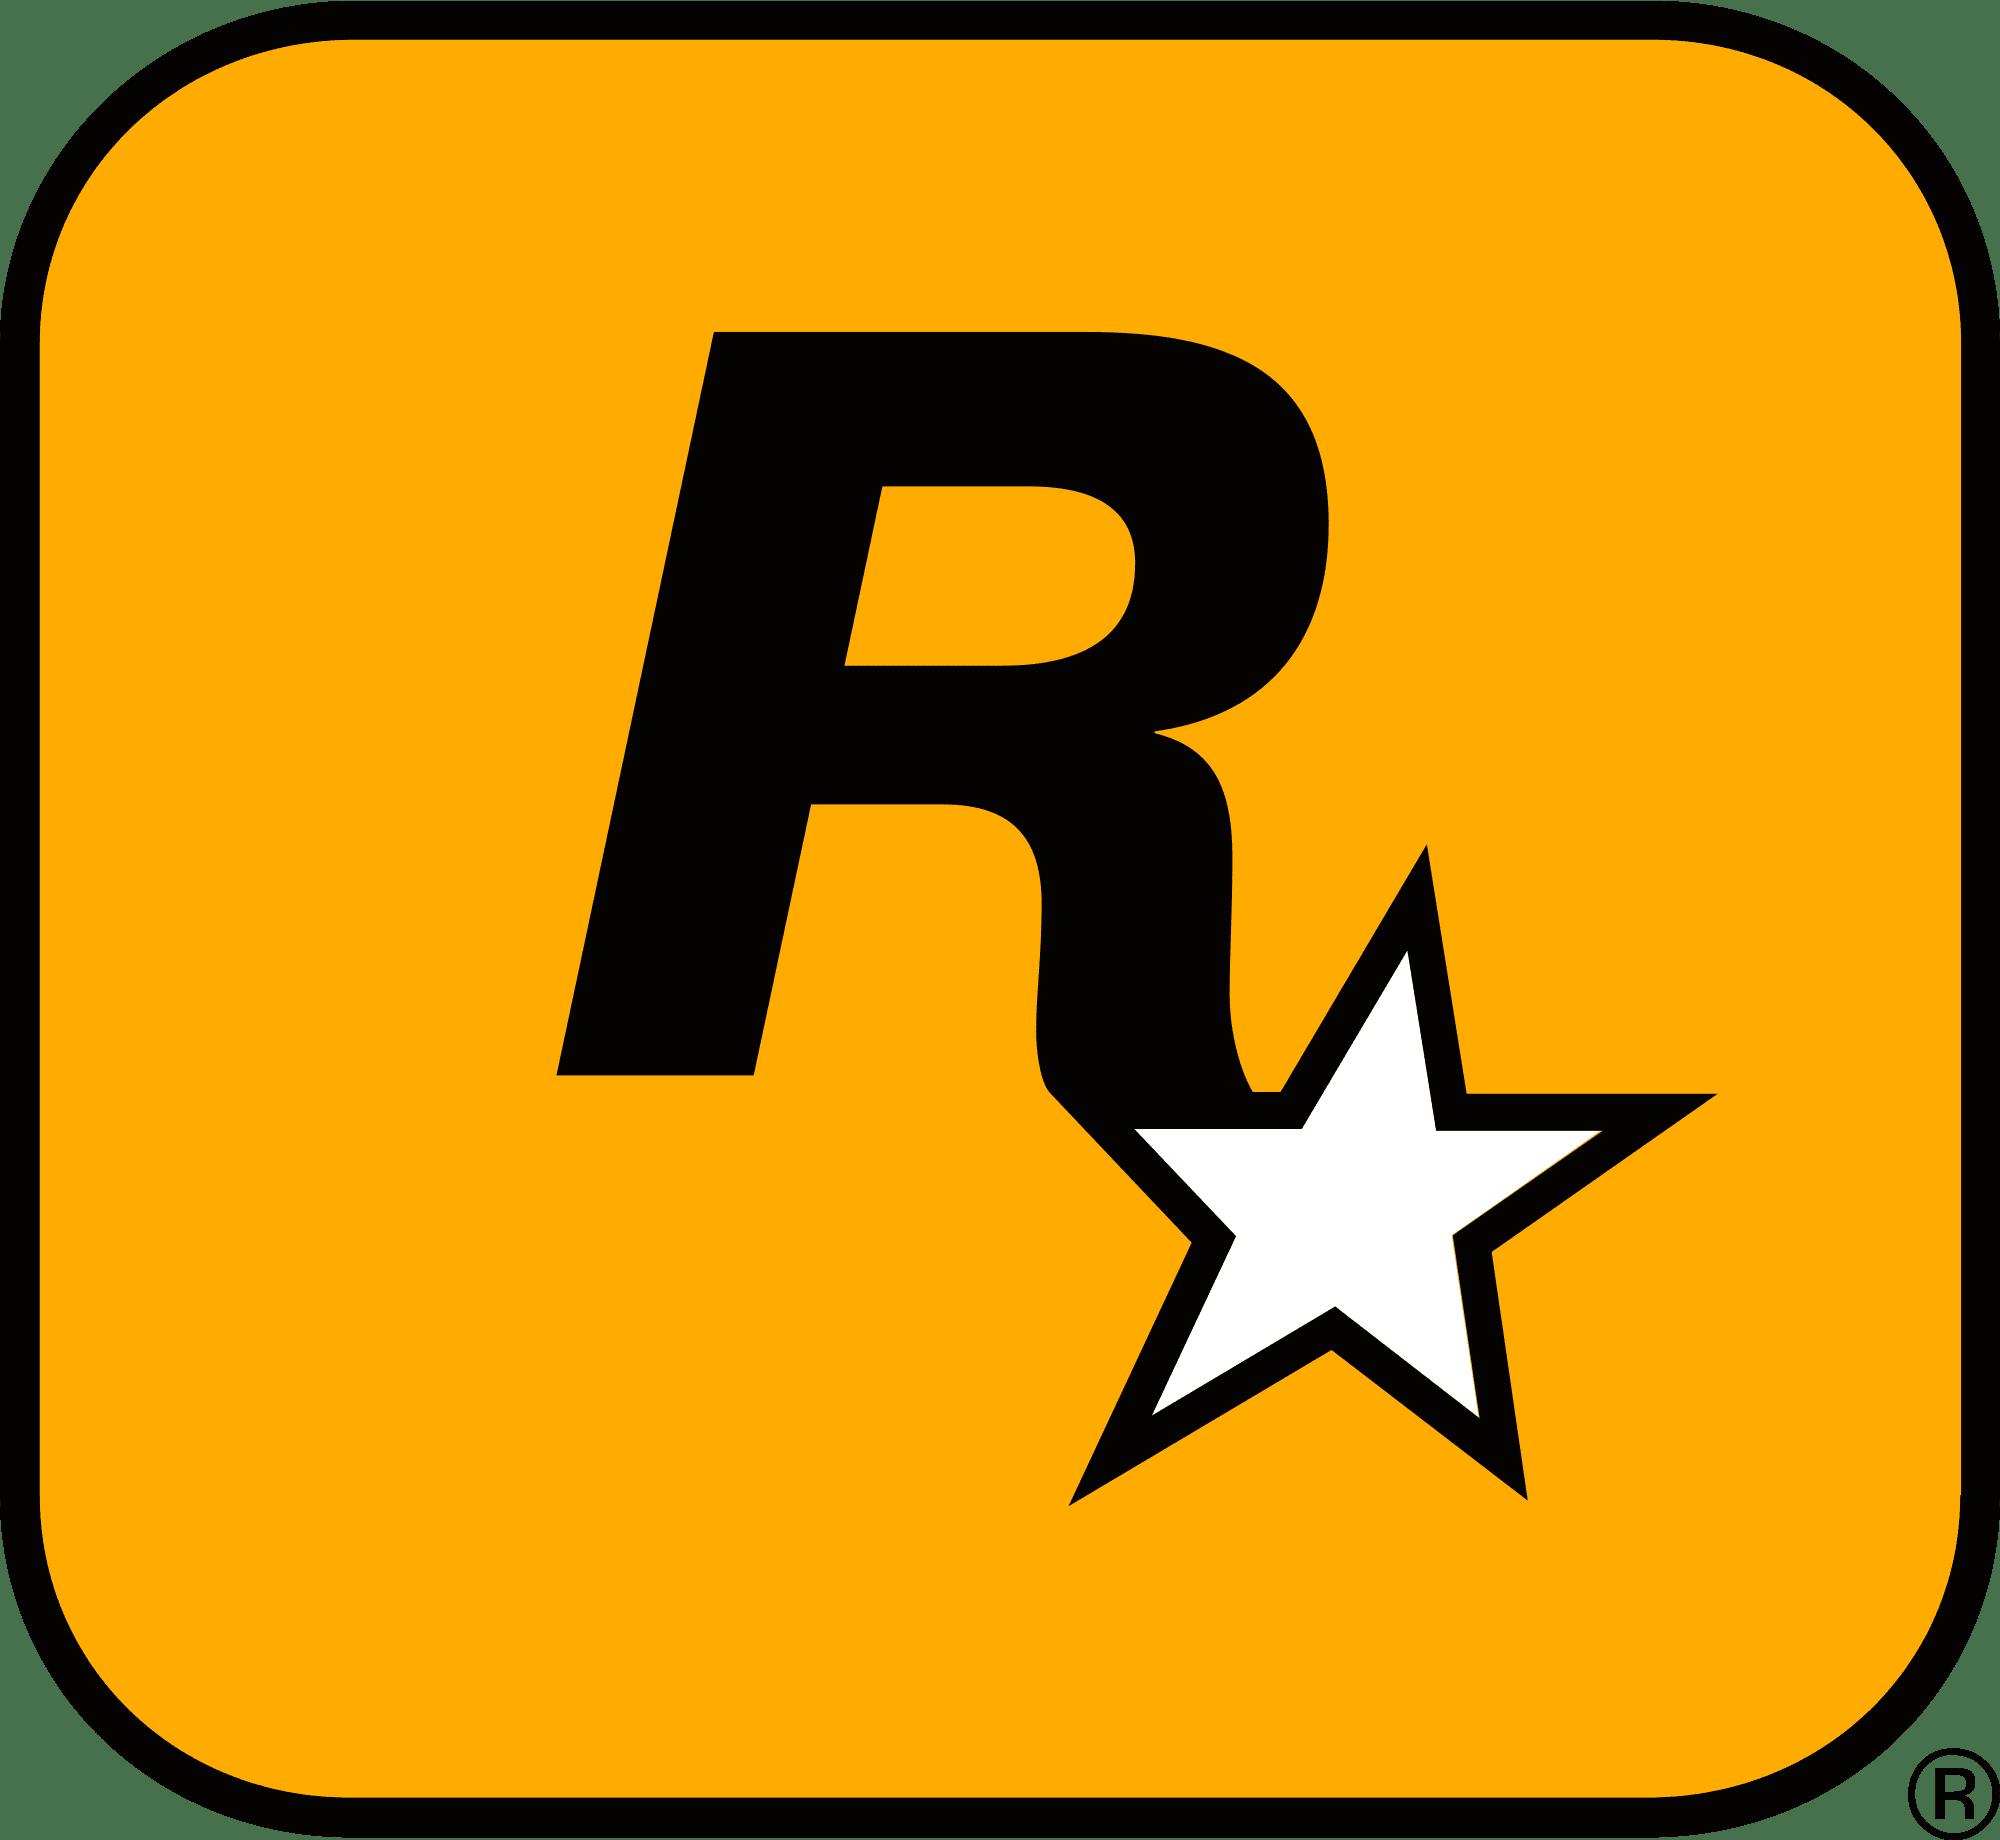 Rockstar_Games_Logo.svg.png